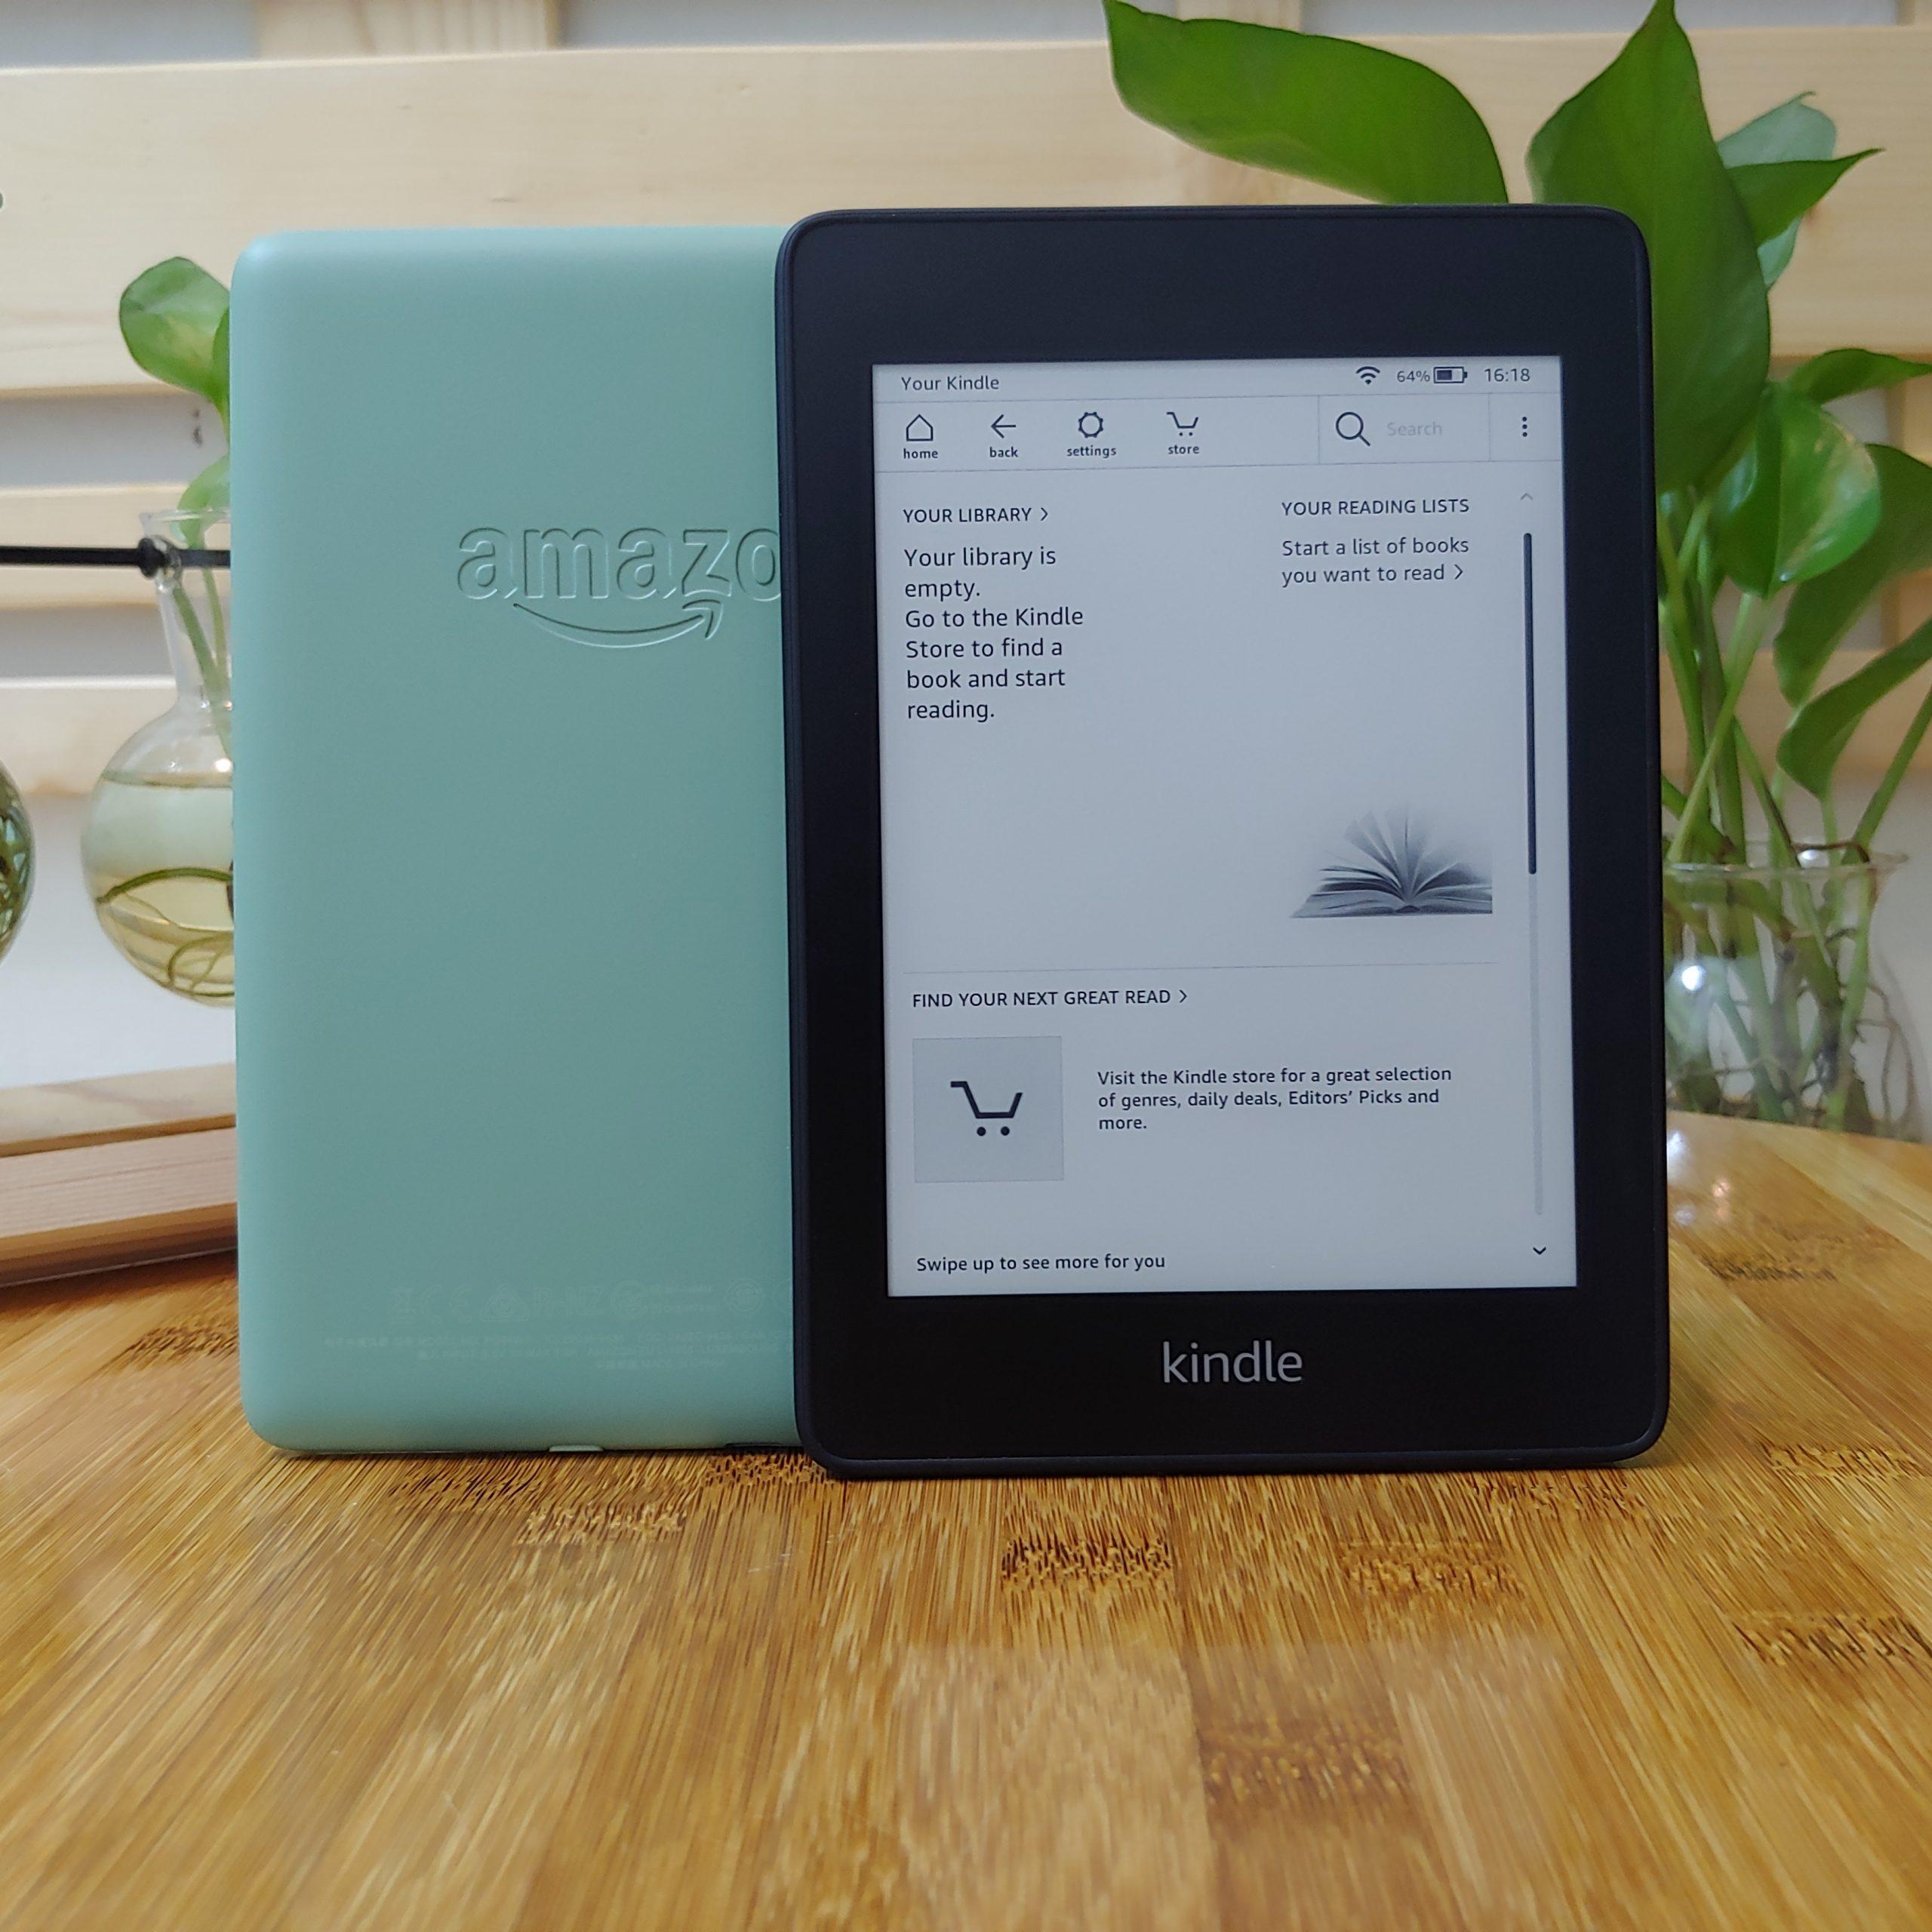 """[NEW REFURBISHED] Máy đọc sách Kindle Paperwhite Gen 4 (10th) bộ nhớ 8GB, màn hình 6"""" 300PPI có đèn nền,  Wifi, Bluetooth"""